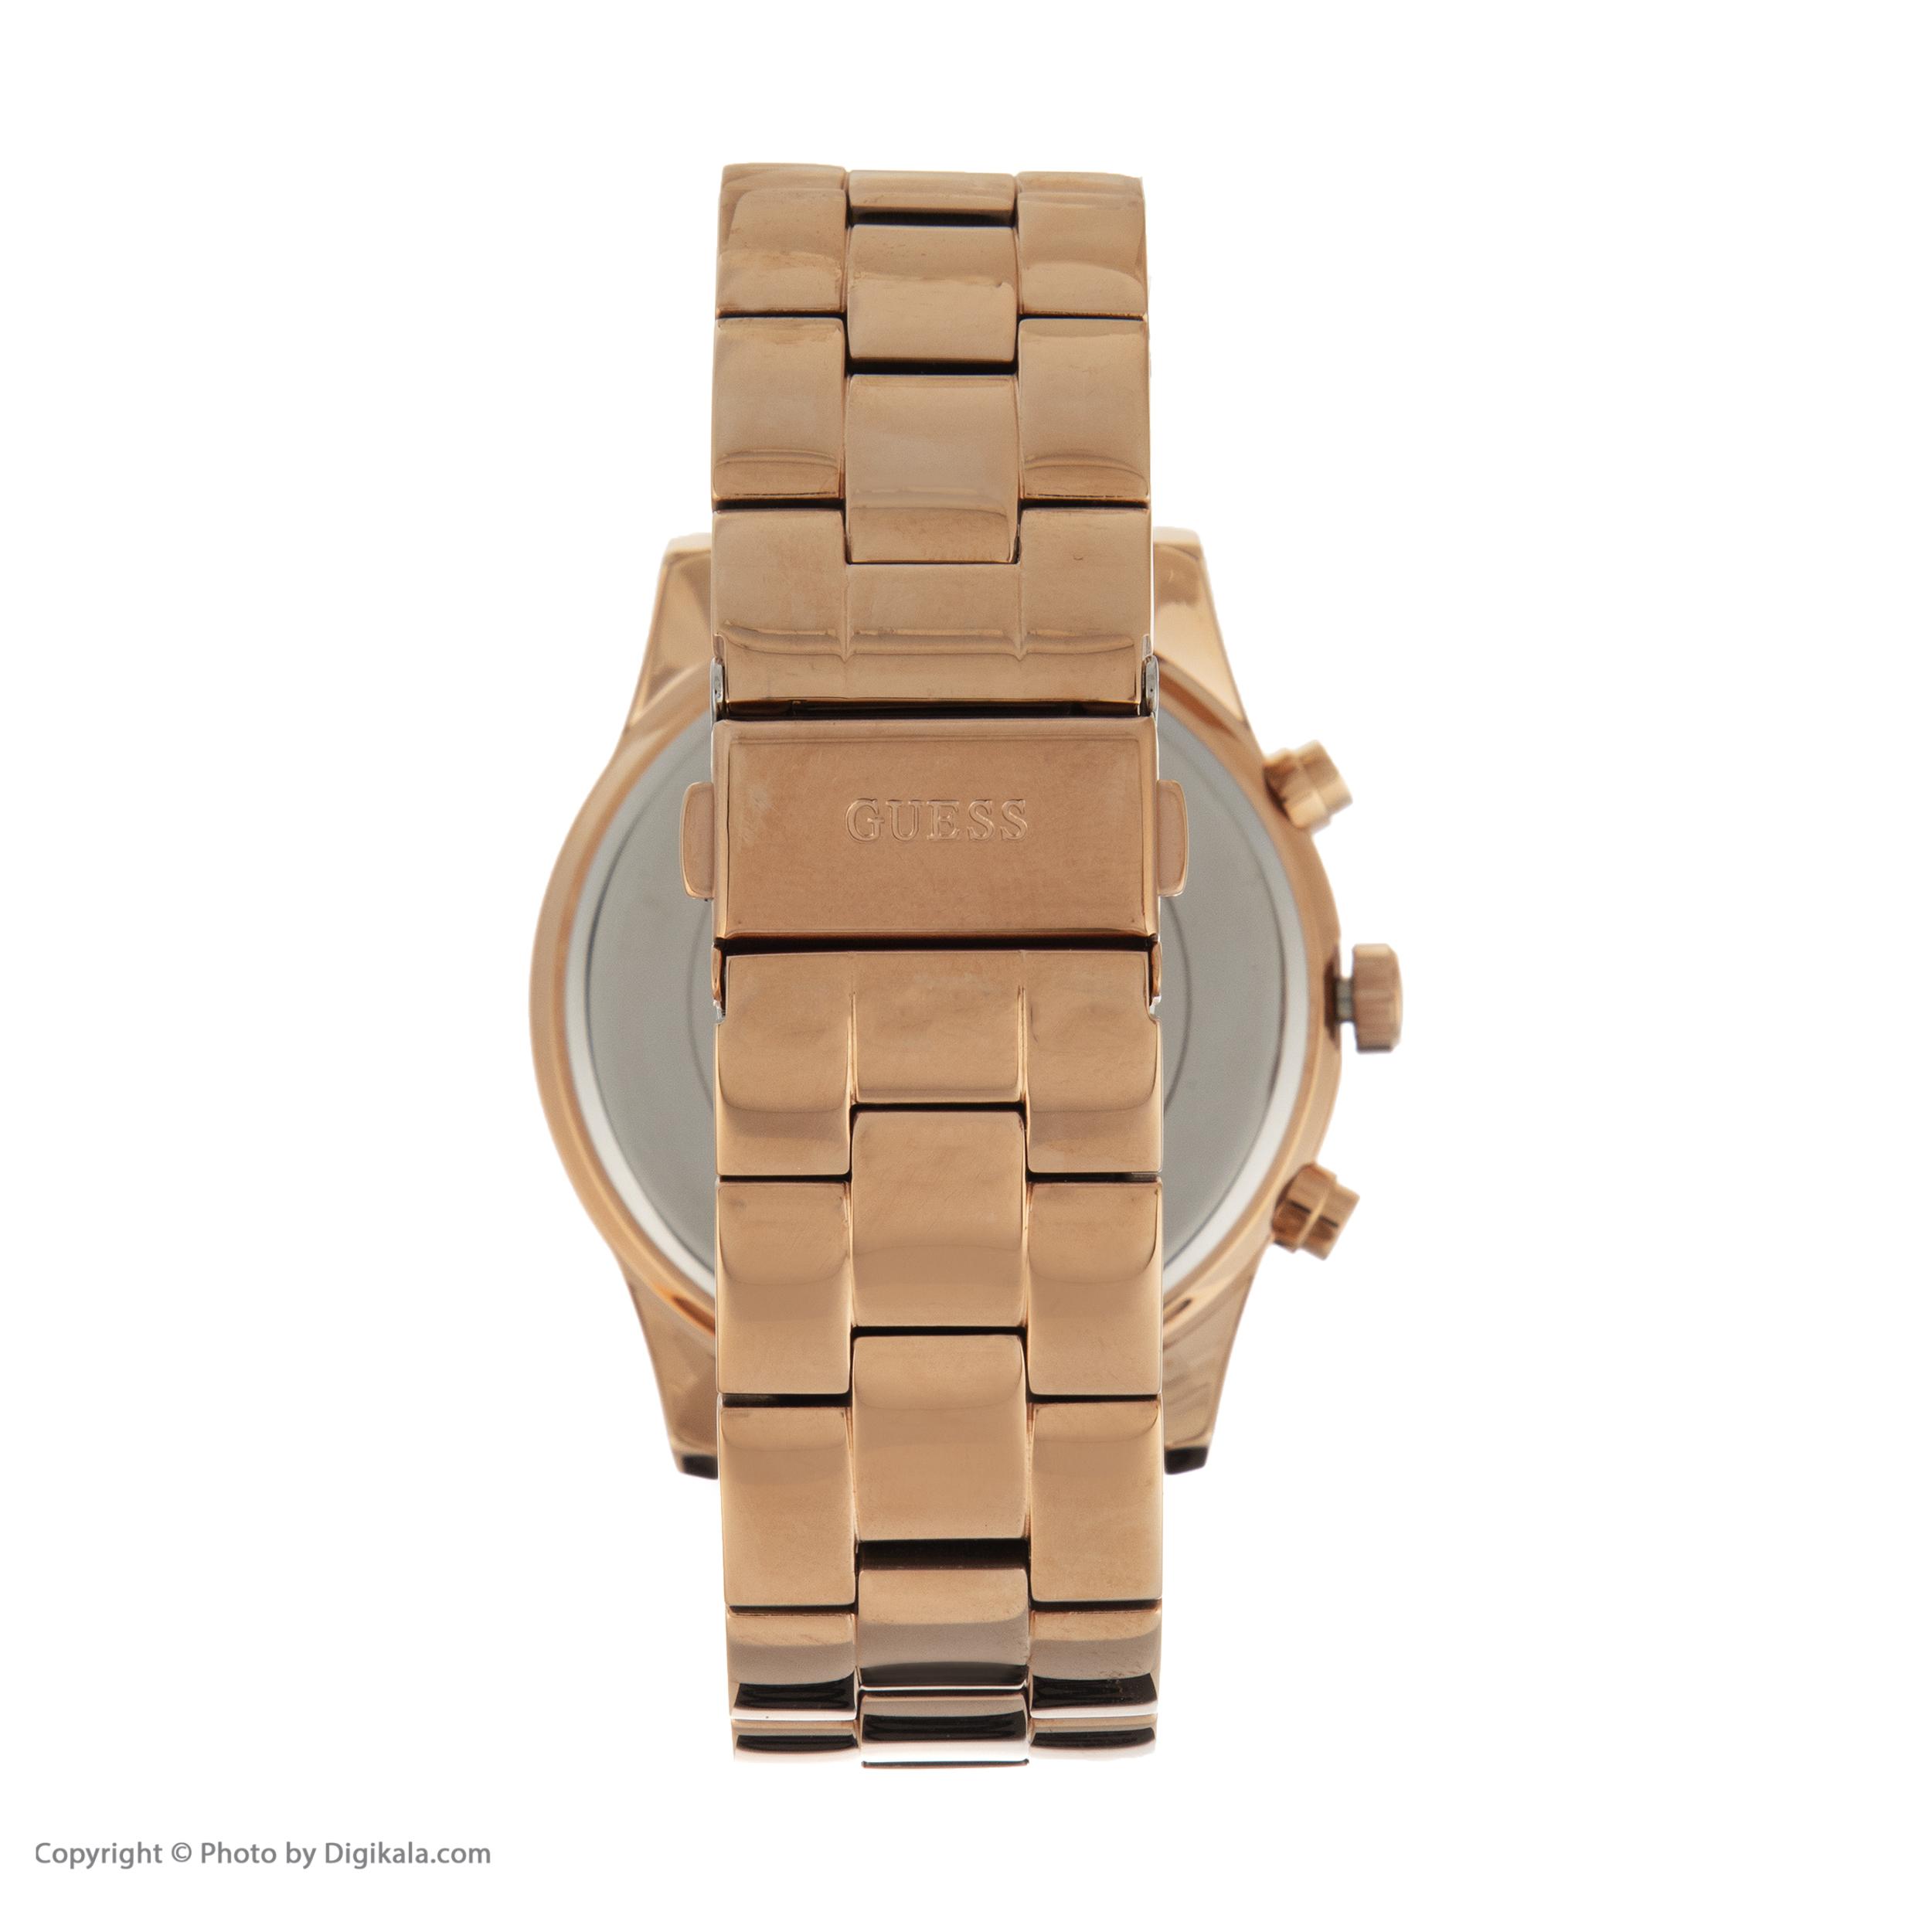 ساعت مچی عقربه ای زنانه گس مدل W1295L3              ارزان